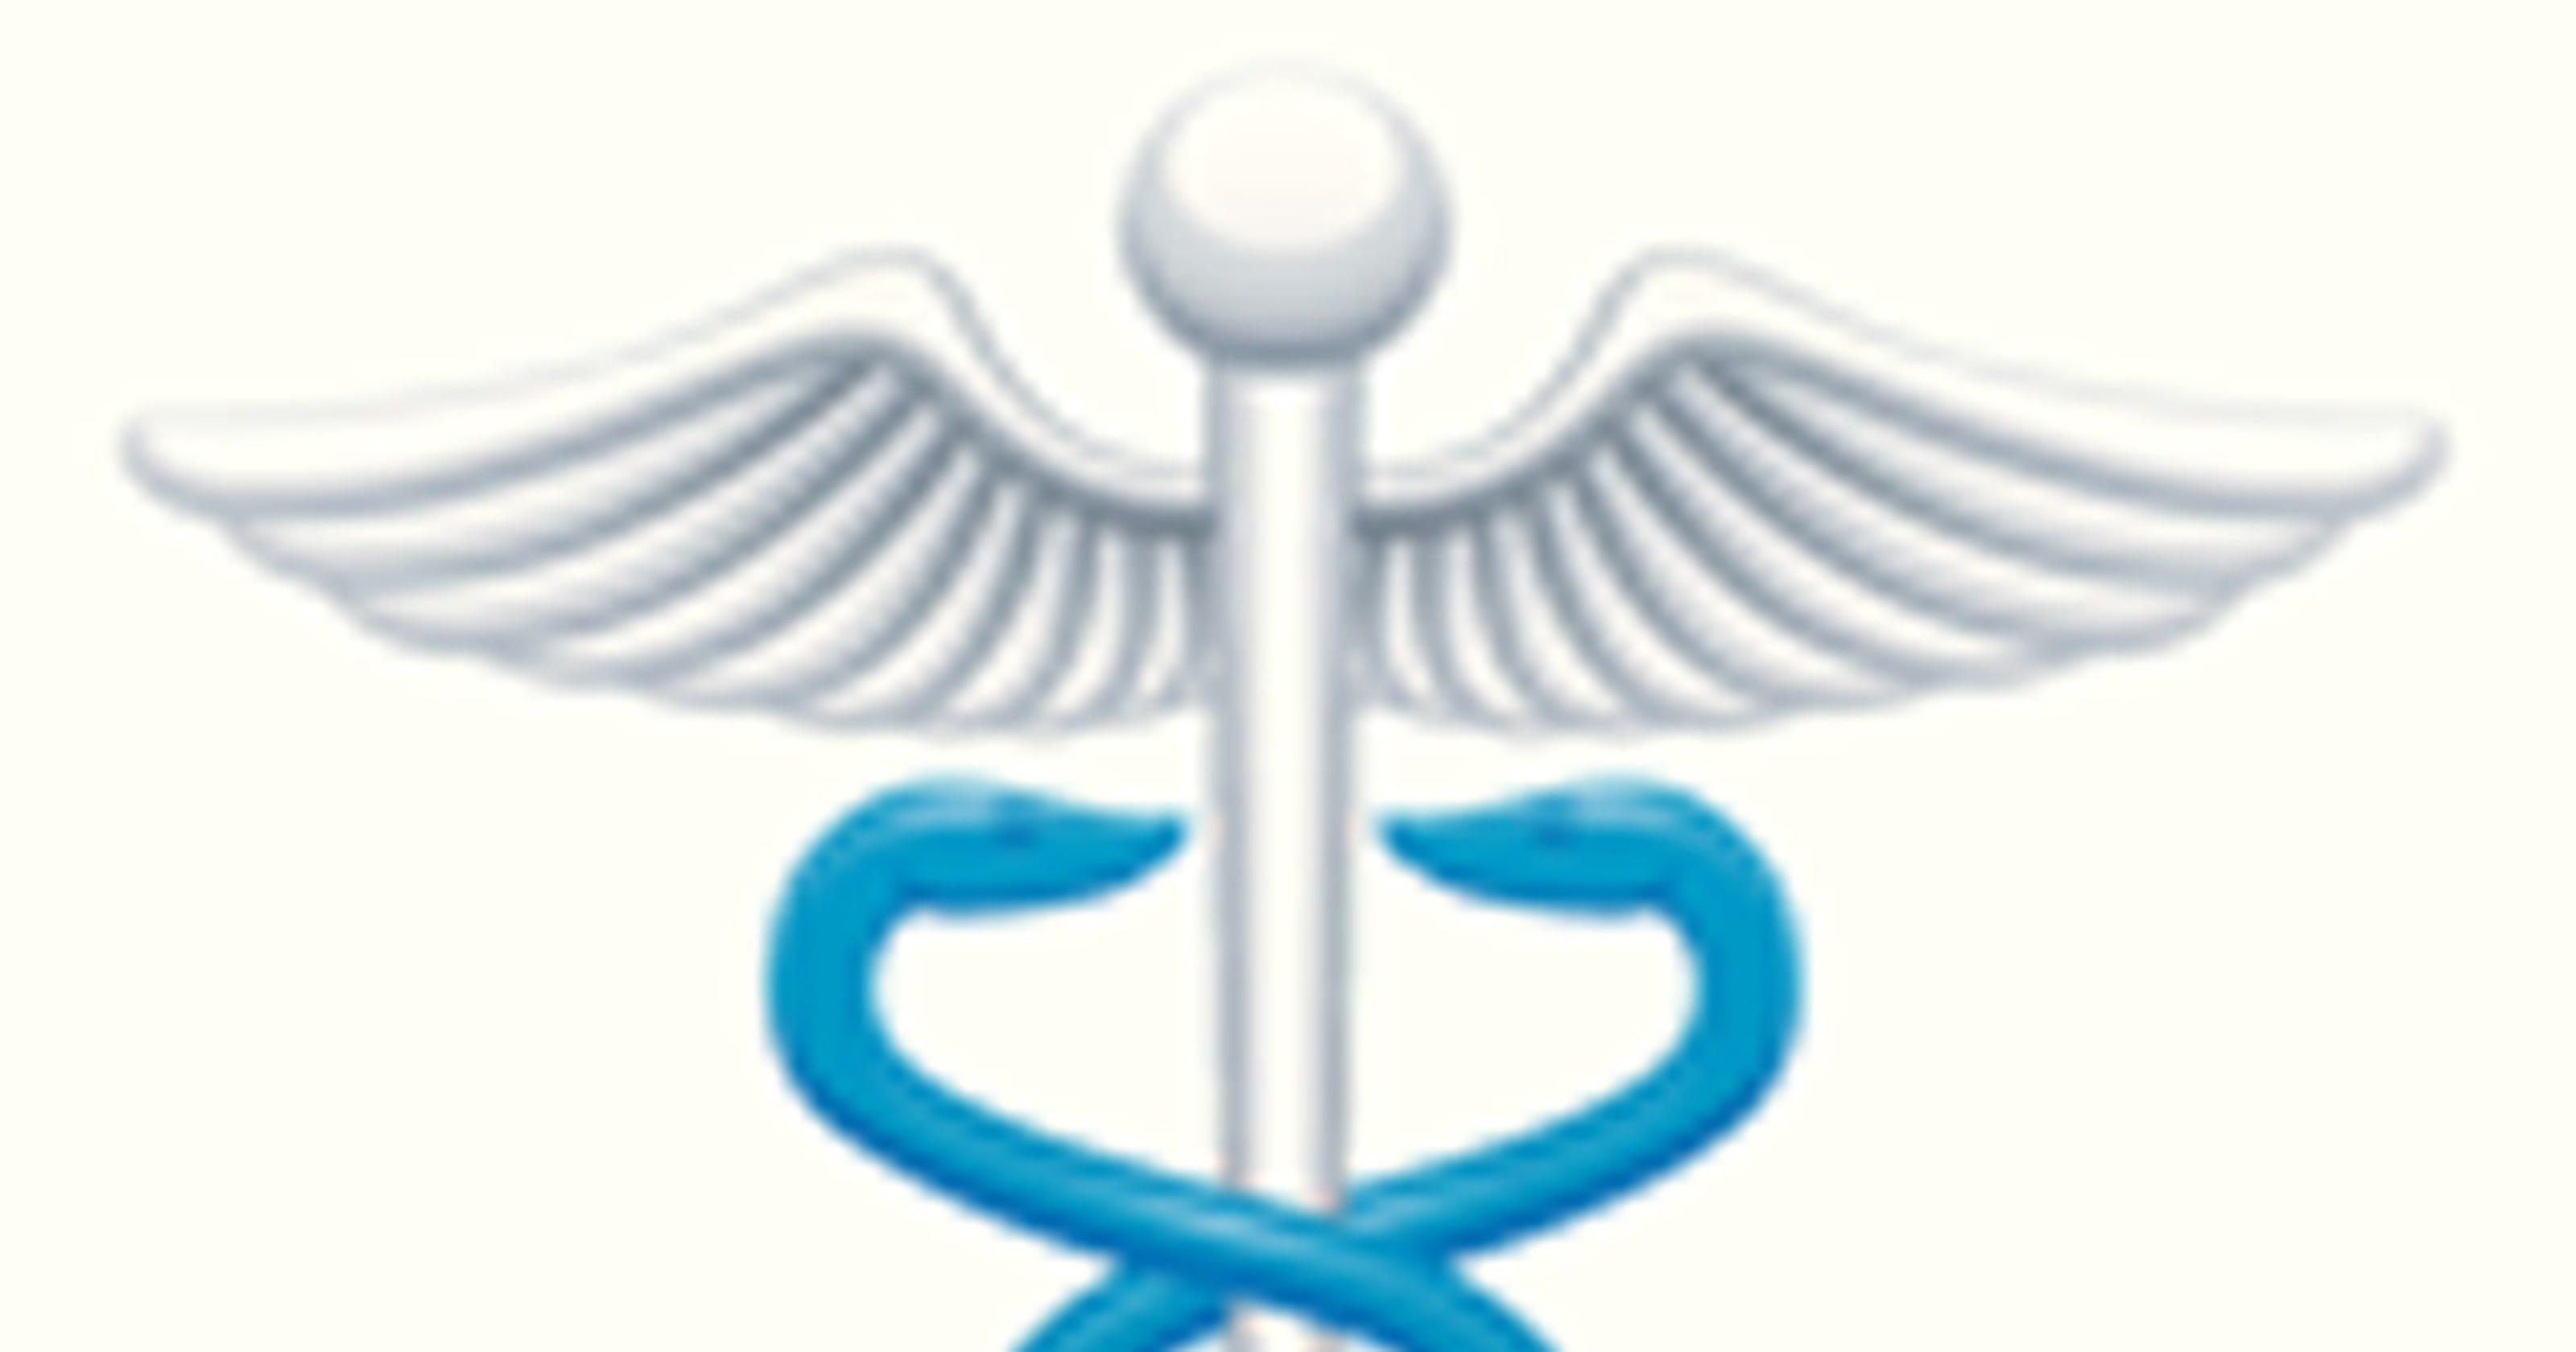 Saint Mary's offers rheumatology expertise